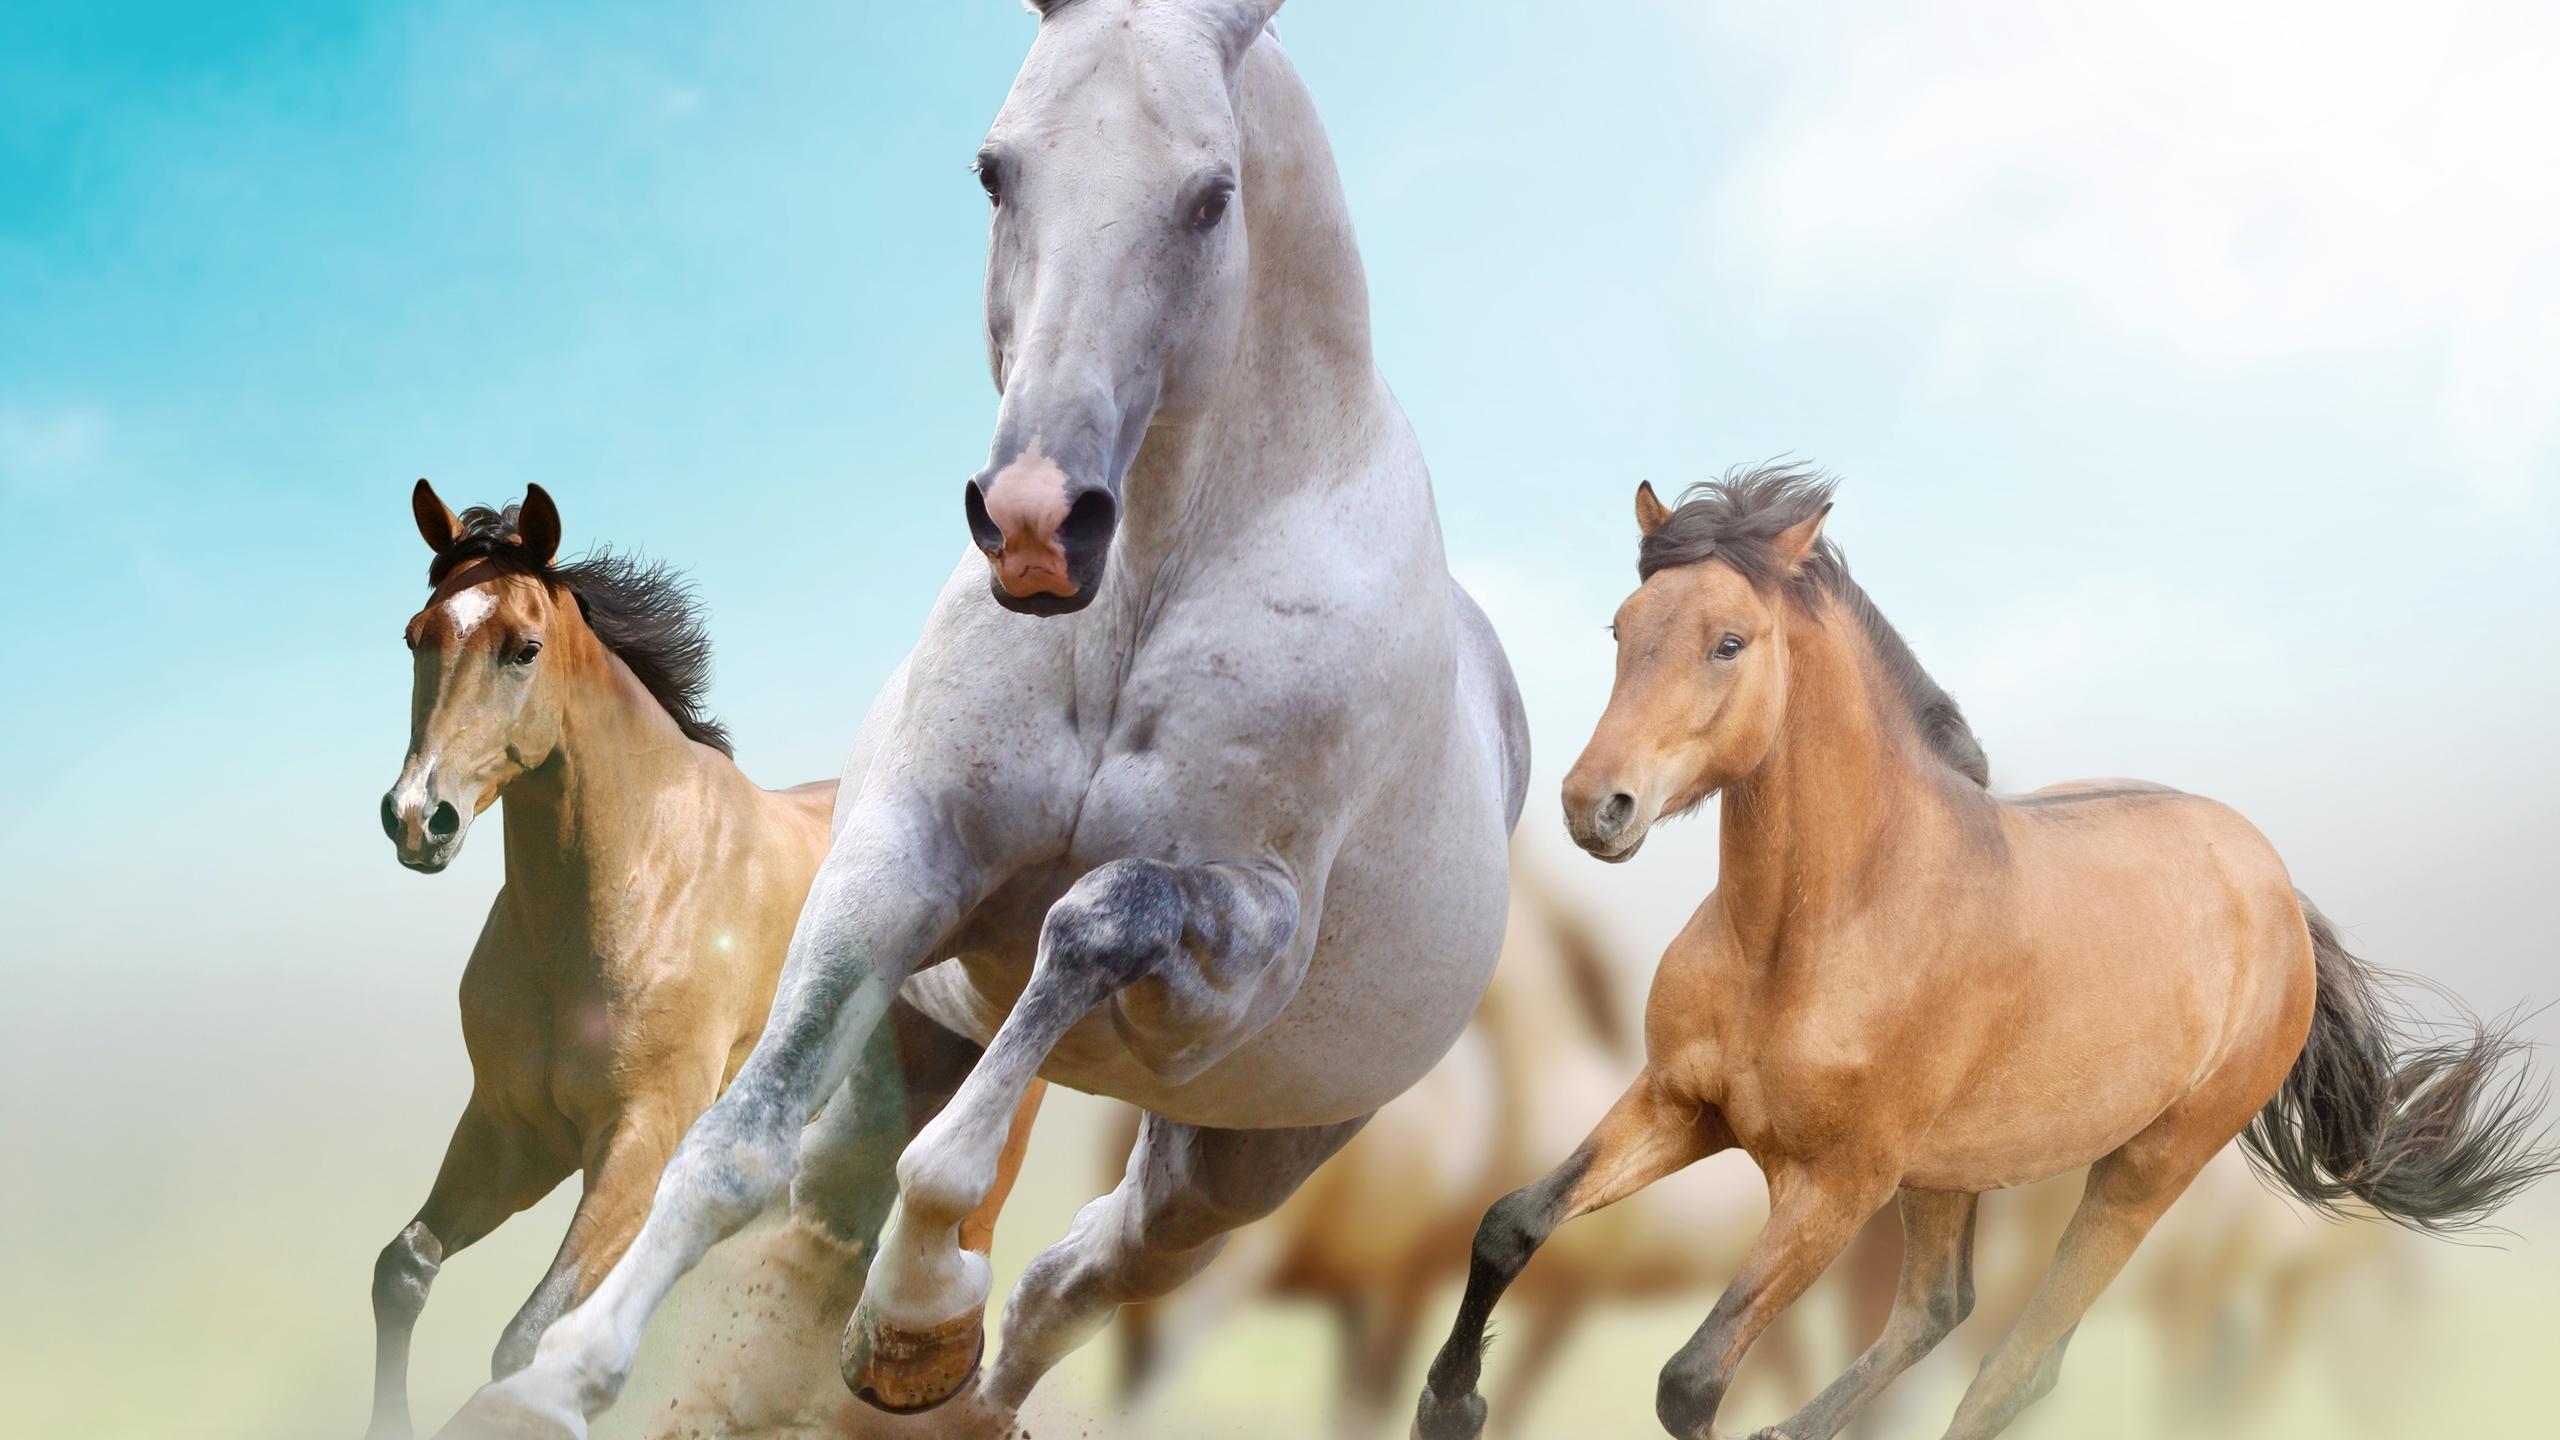 достаточно ровный, картинки с тремя лошадьми фоторезисторы применяются лишь